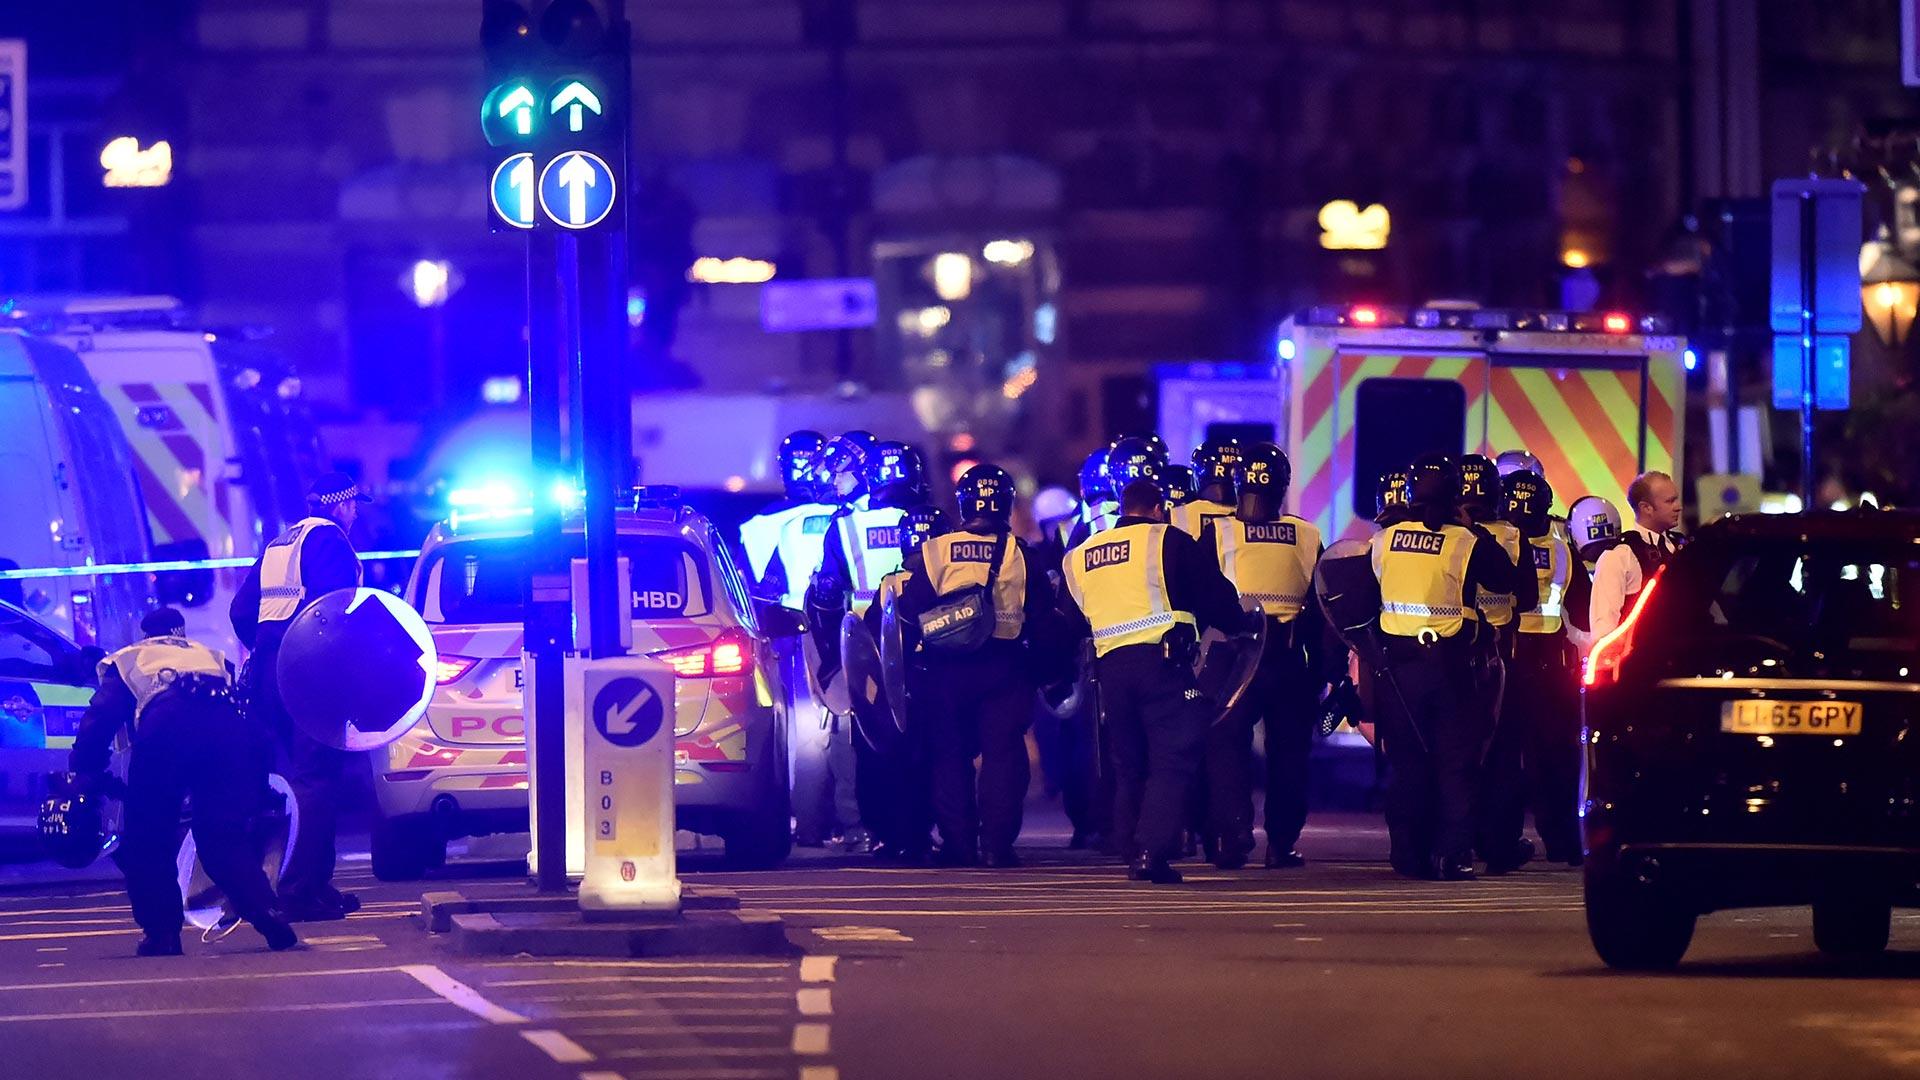 El London Bridge fue cerrado después de que una camioneta blanca atropellara a varios peatones (Reuters)